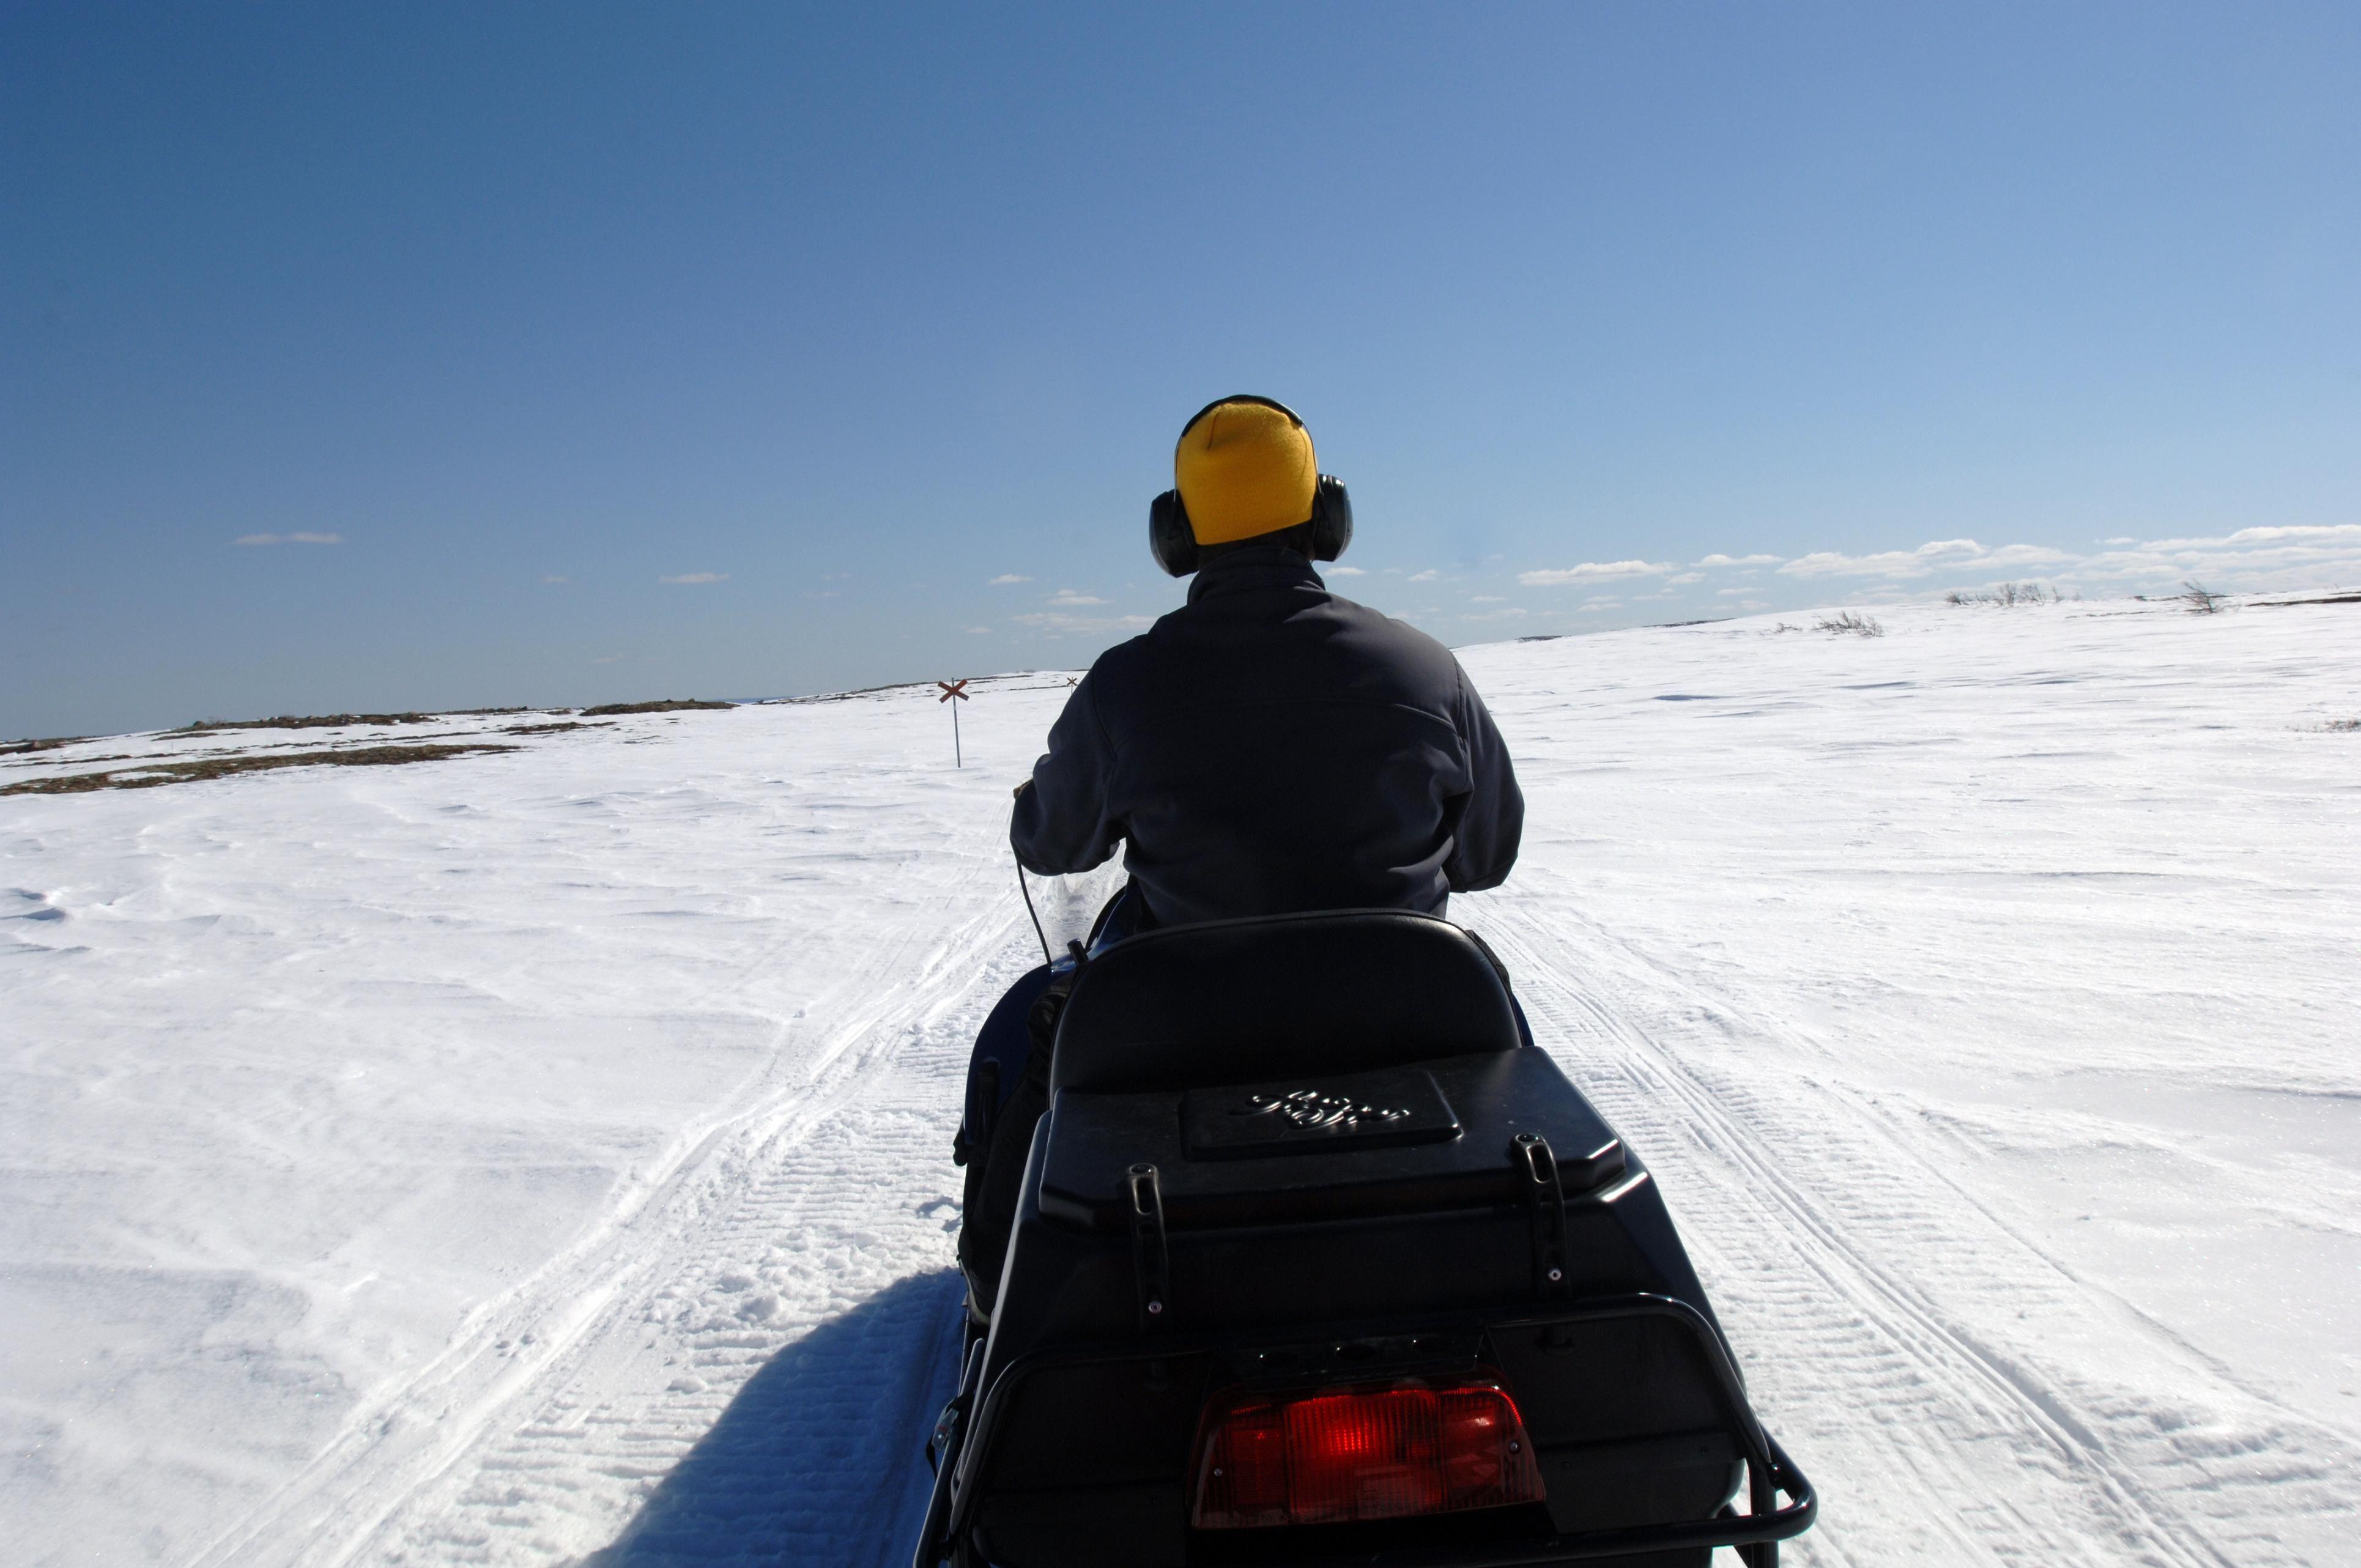 Nisse Schmidt, Snöskoterupplevelser